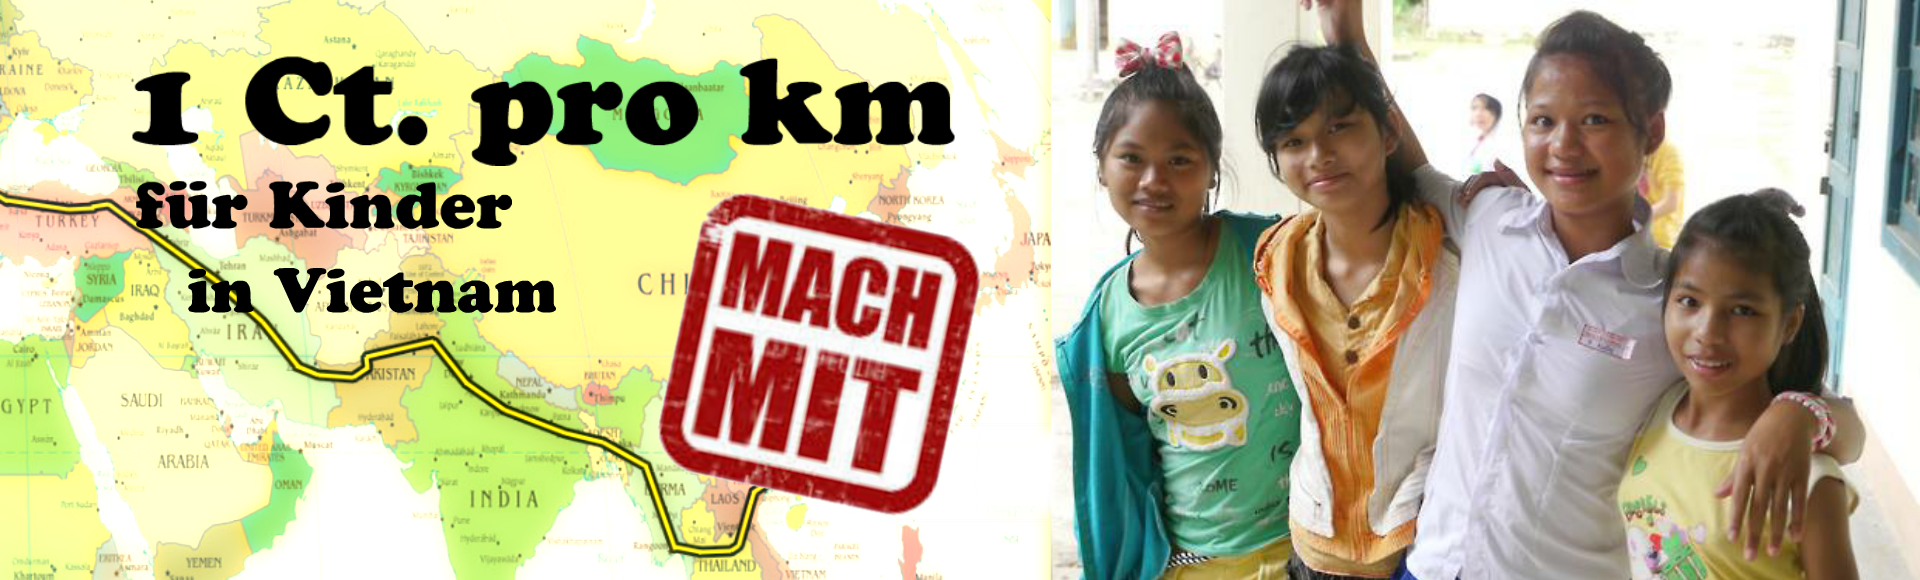 1 Cent pro km für Kinder in Vietnam